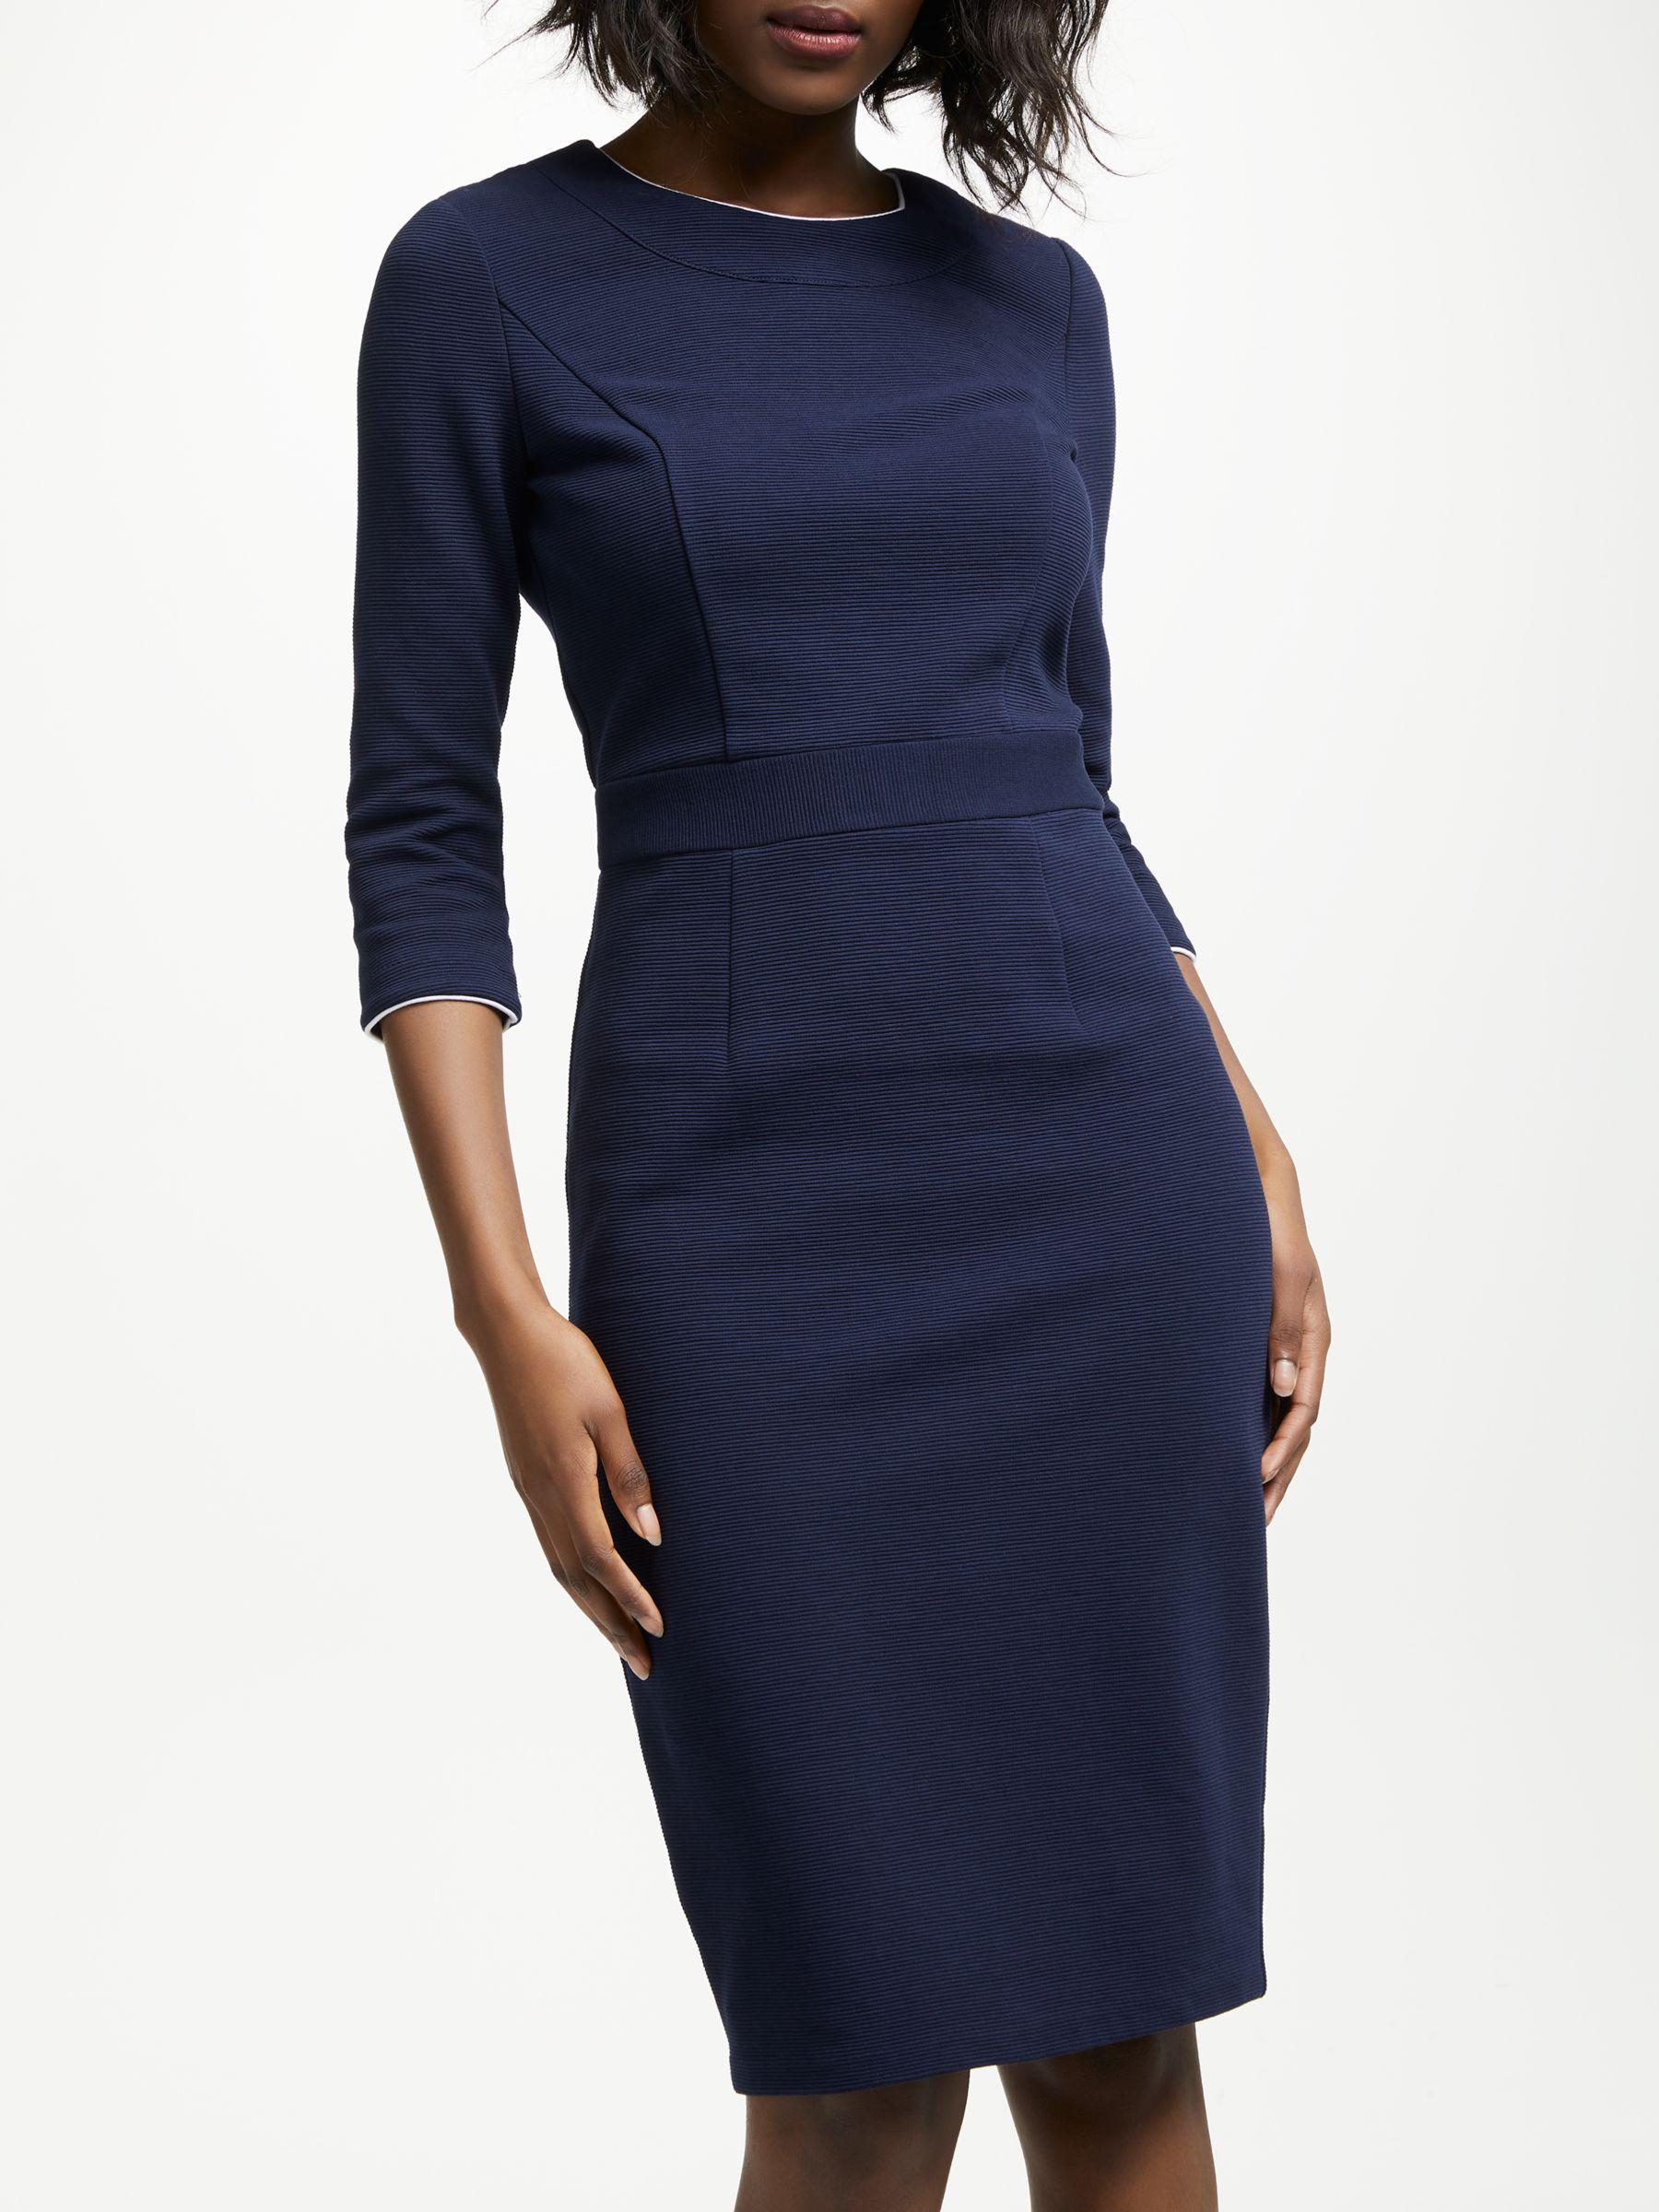 bded3ec102d Boden Mia Ottoman Dress in Blue - Lyst